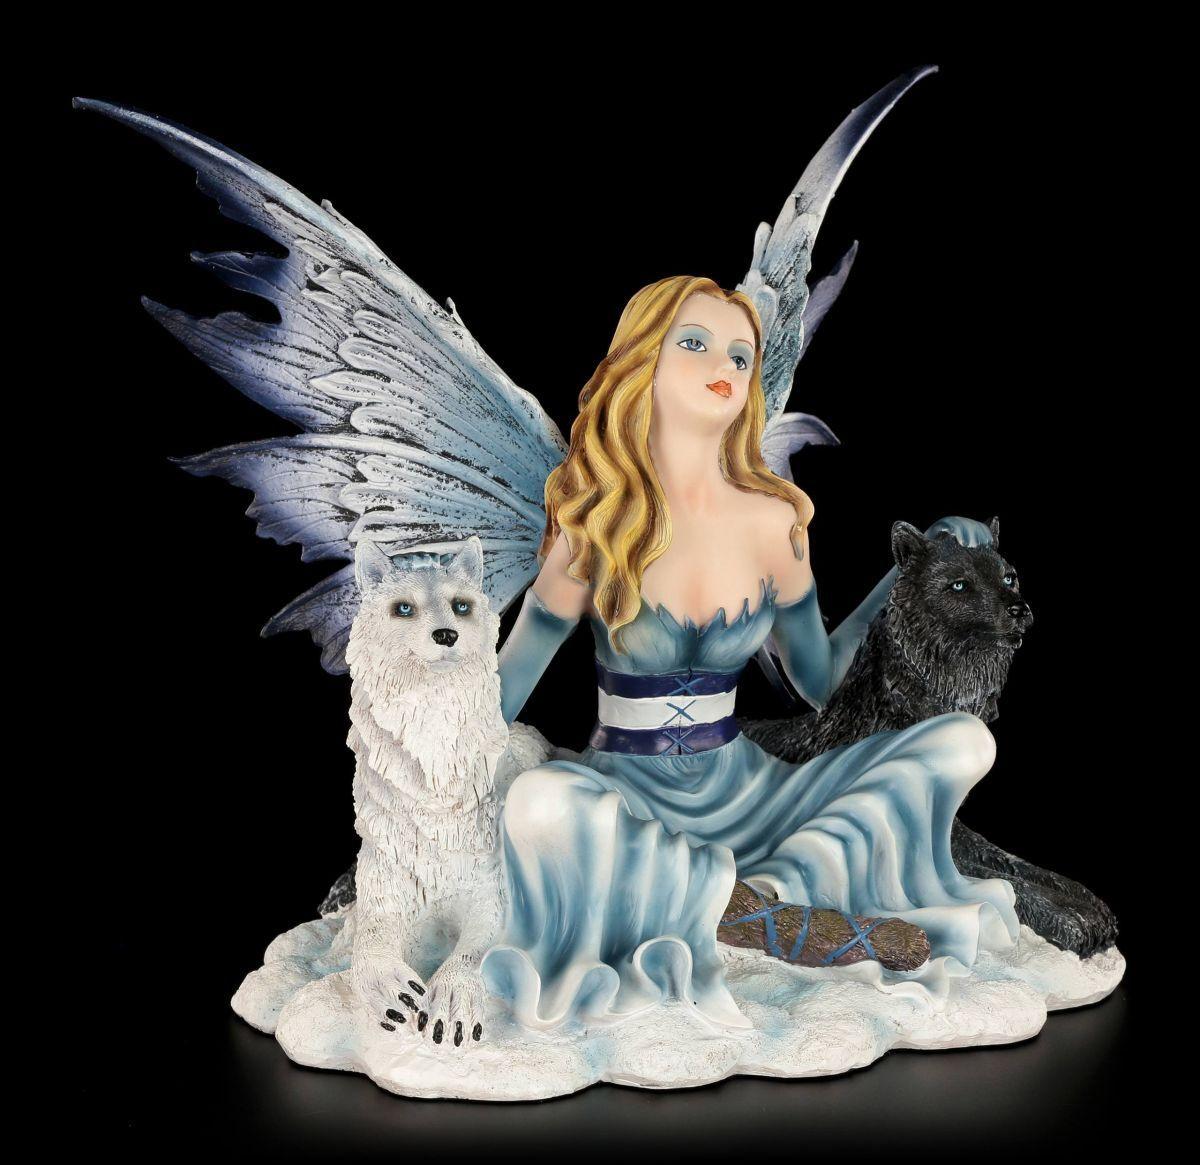 Figura Elfos - ilais con schwarz y Weiß lobo - FANTASÍA HADAS Ángel de la Guarda